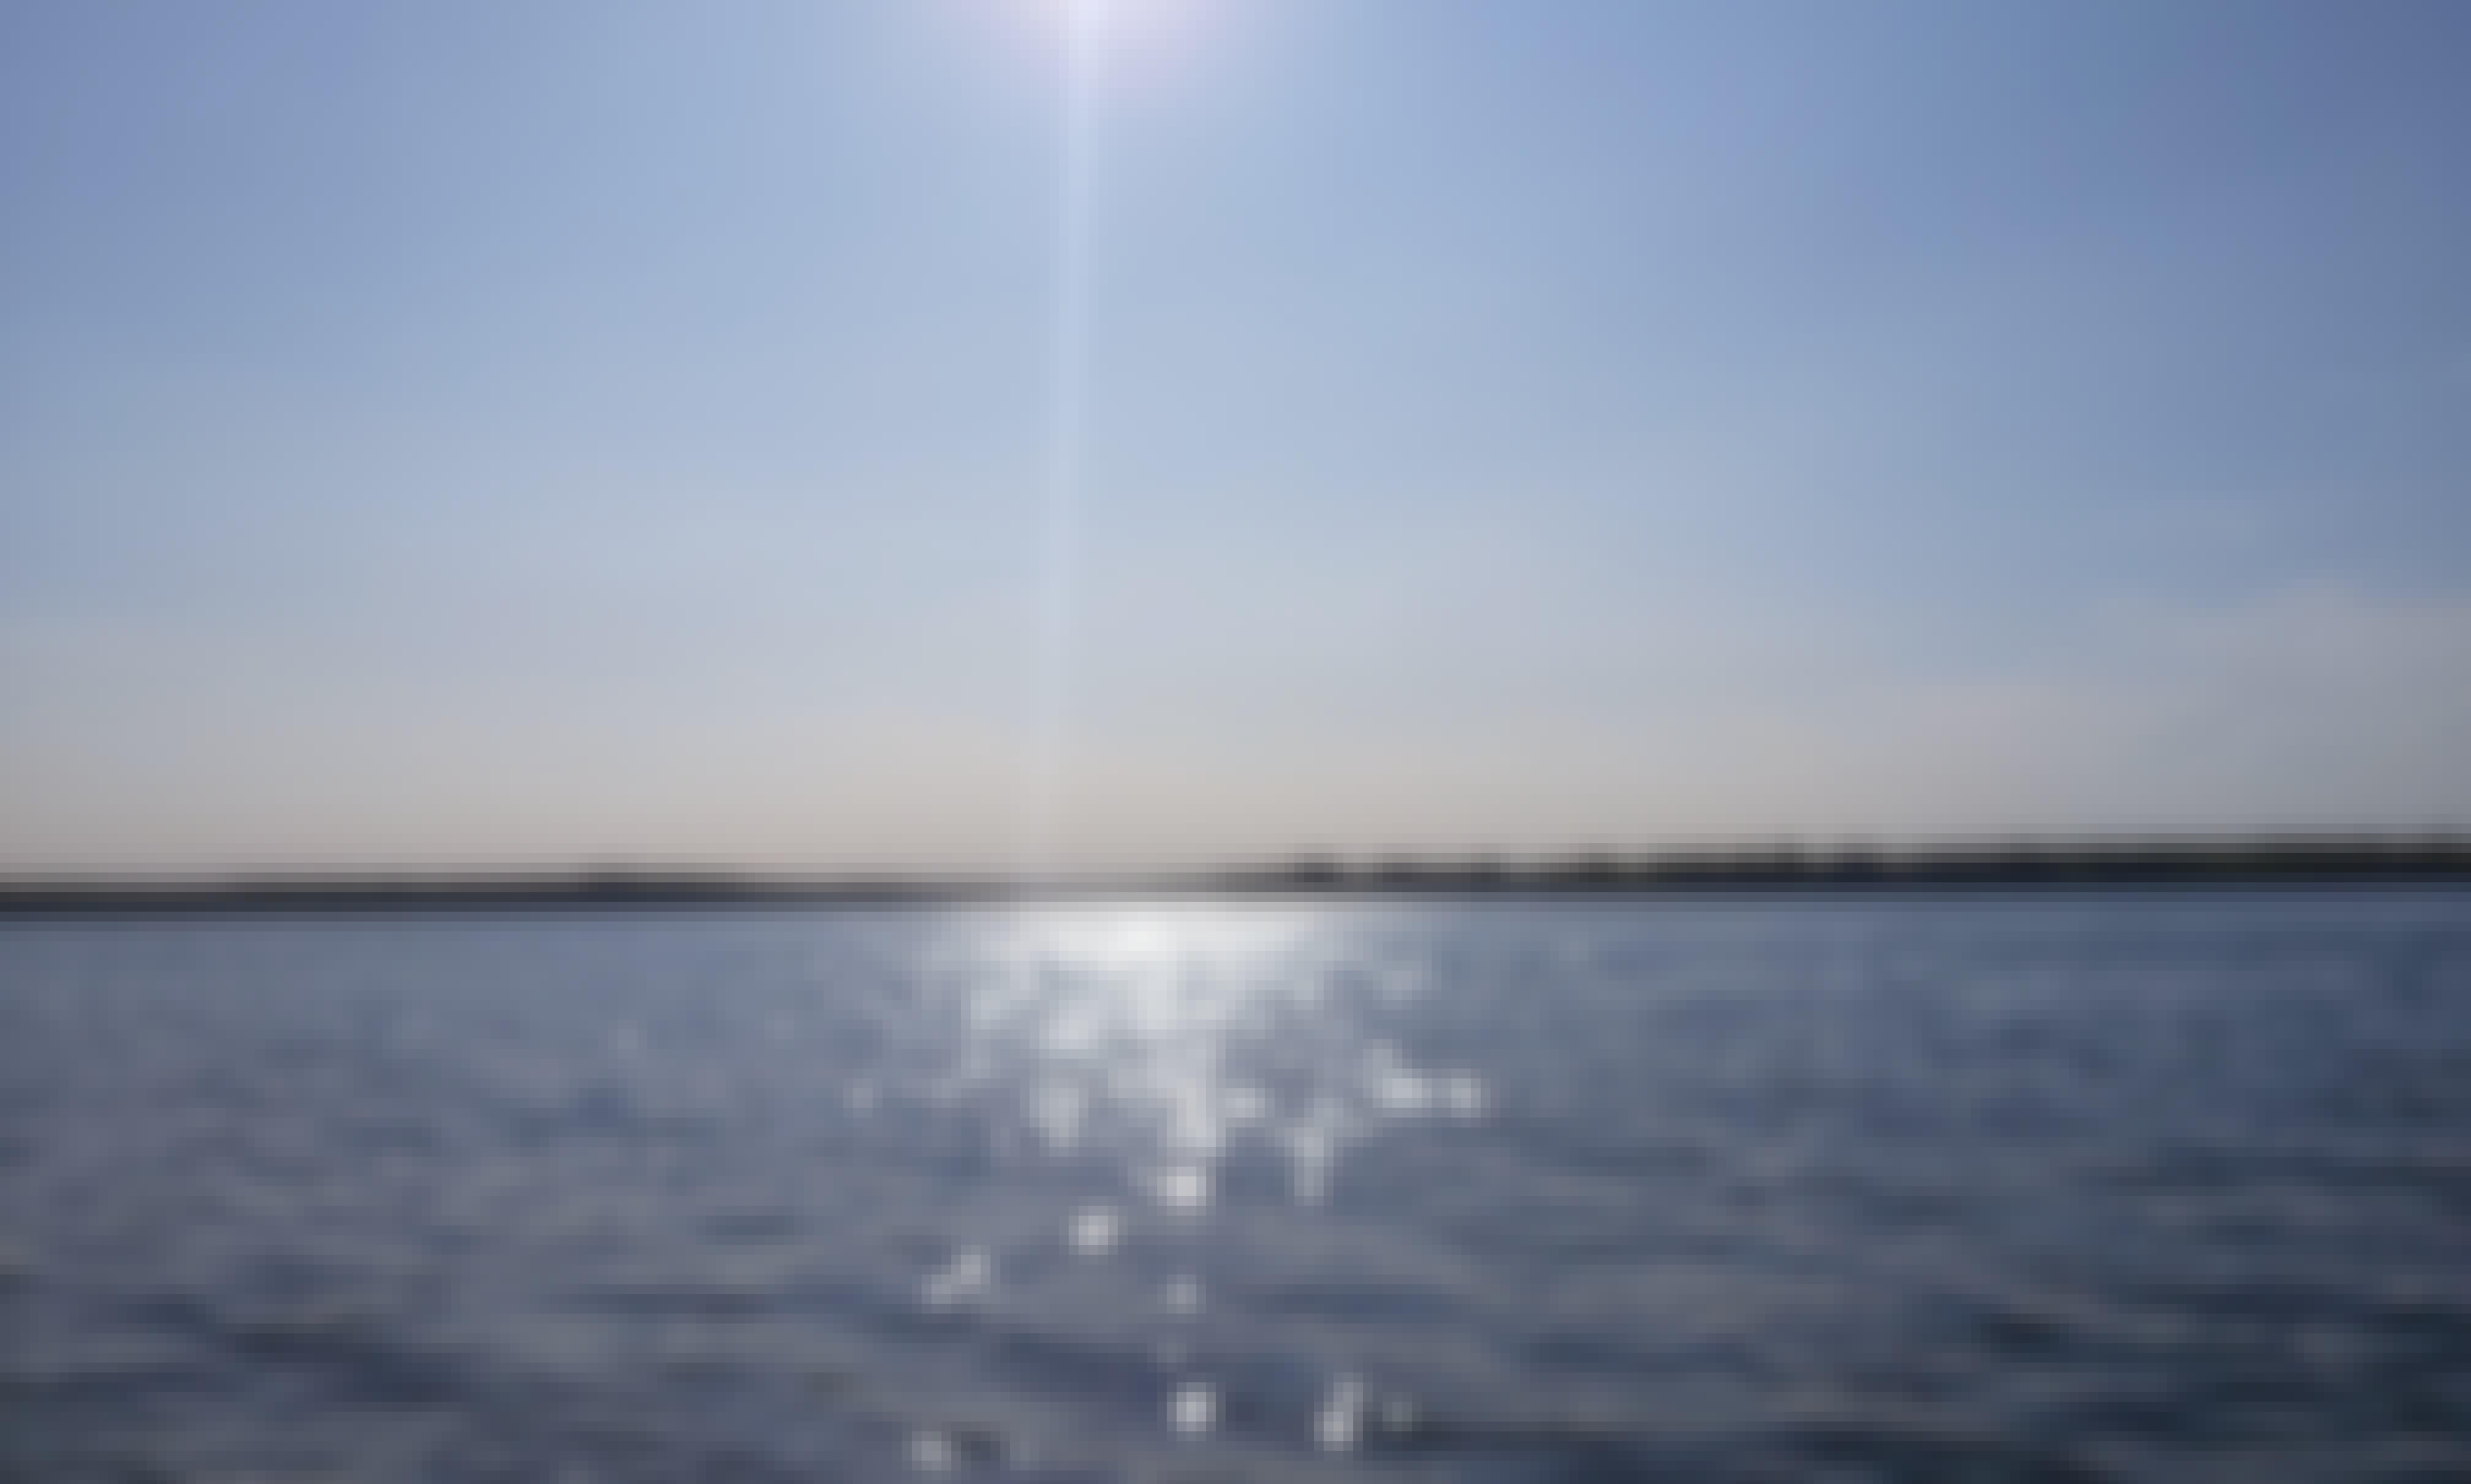 2012 Four Winns H180 in Kawartha Lakes